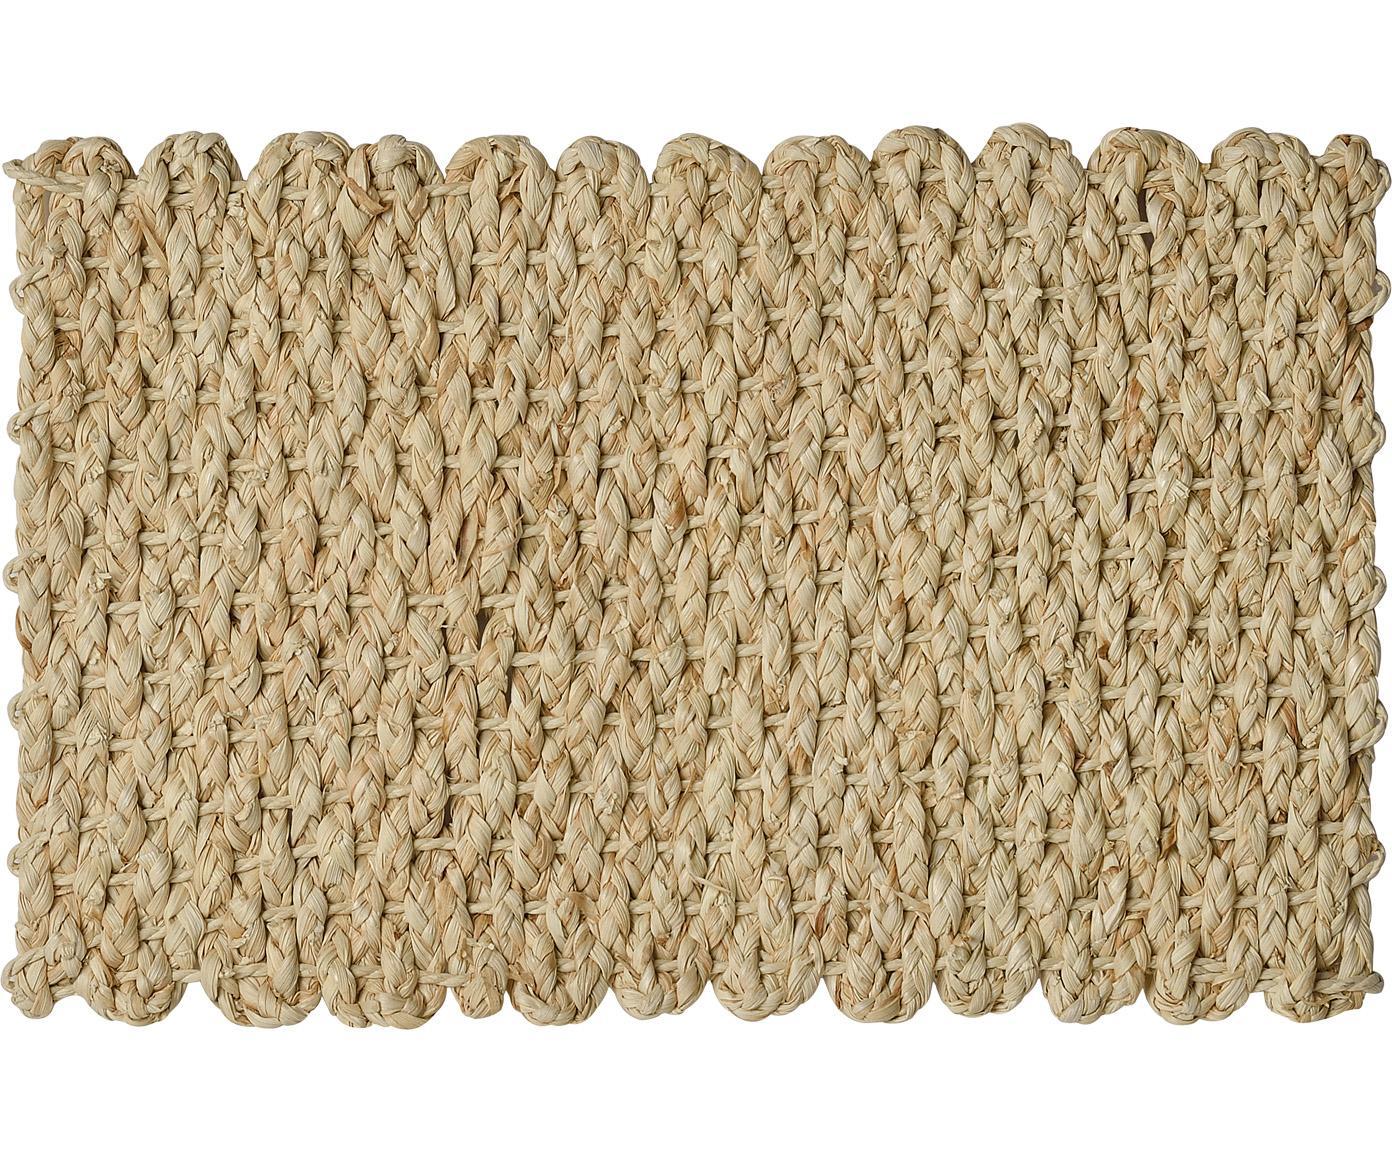 Podkładka wykonana z liści kukurydzy Cascada, 2 szt., Łodygi kukurydzy, Beżowy, S 30 x D 45 cm